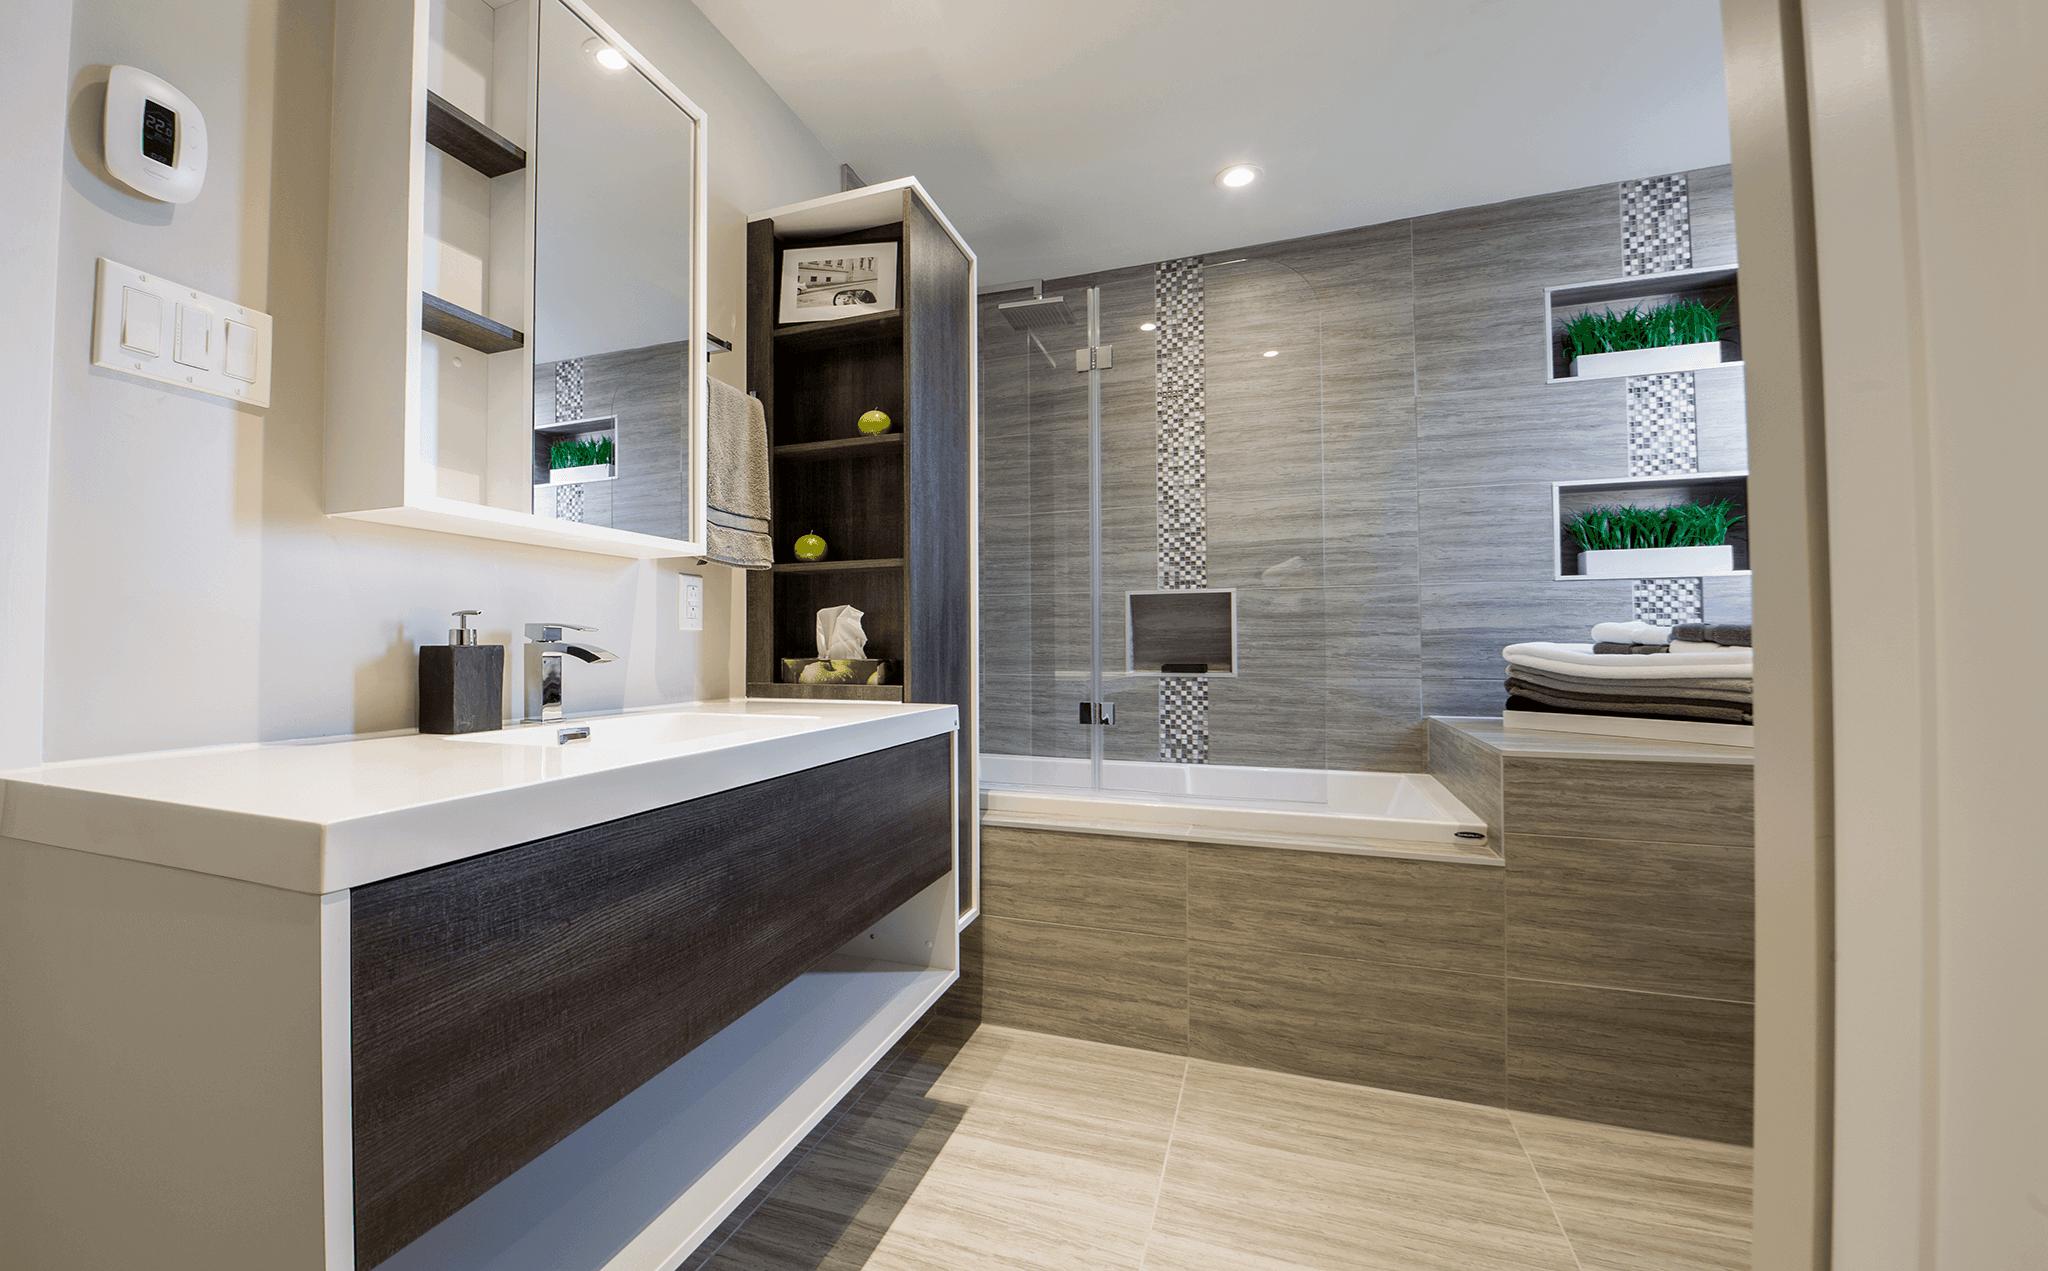 quel est le prix d'une rénovation de salle de bain - Combien Coute Une Salle De Bain Complete